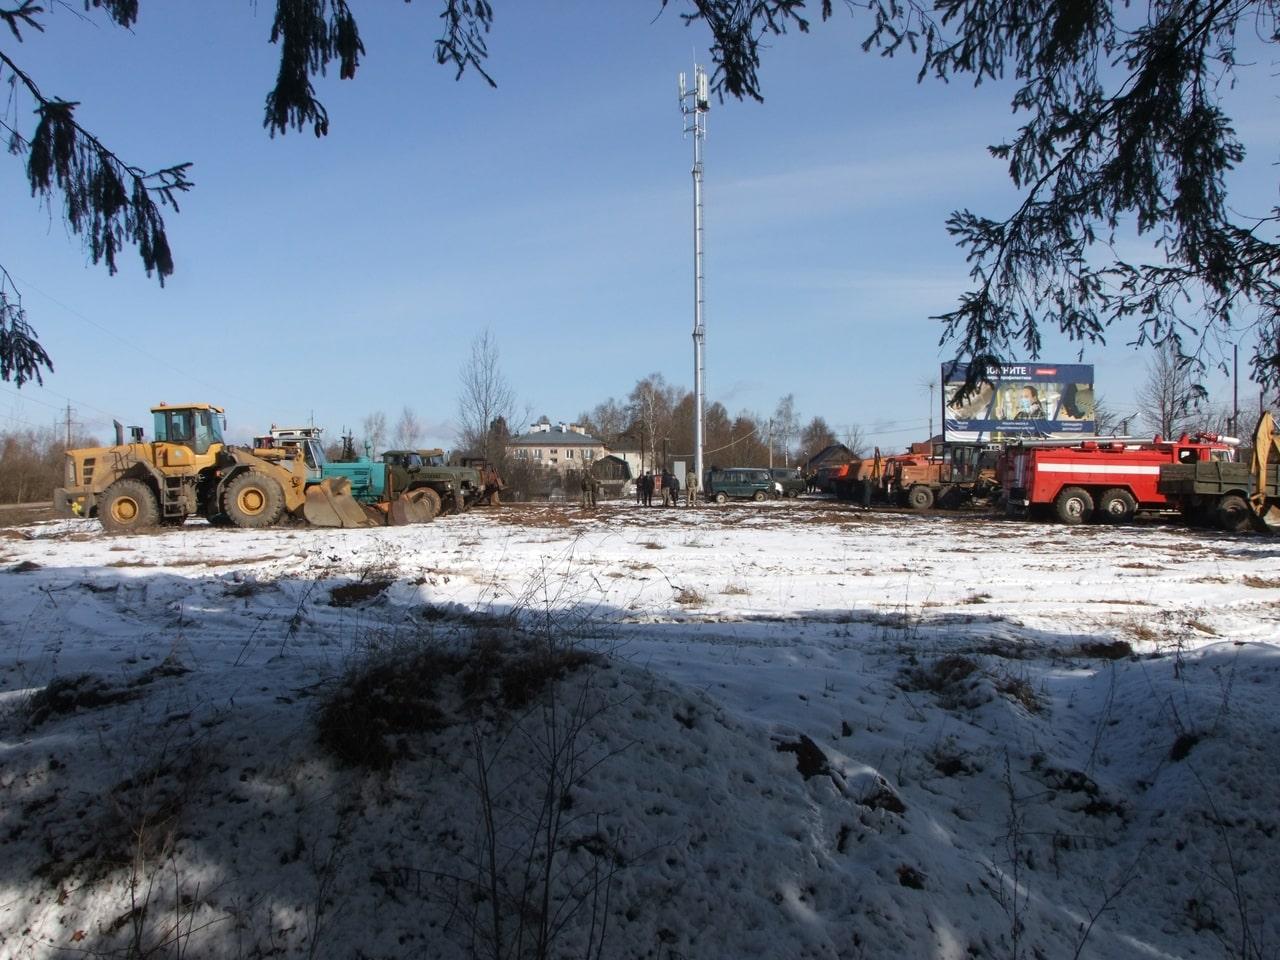 Подразделения и техника Торопецкого района готовы к пожароопасному периоду